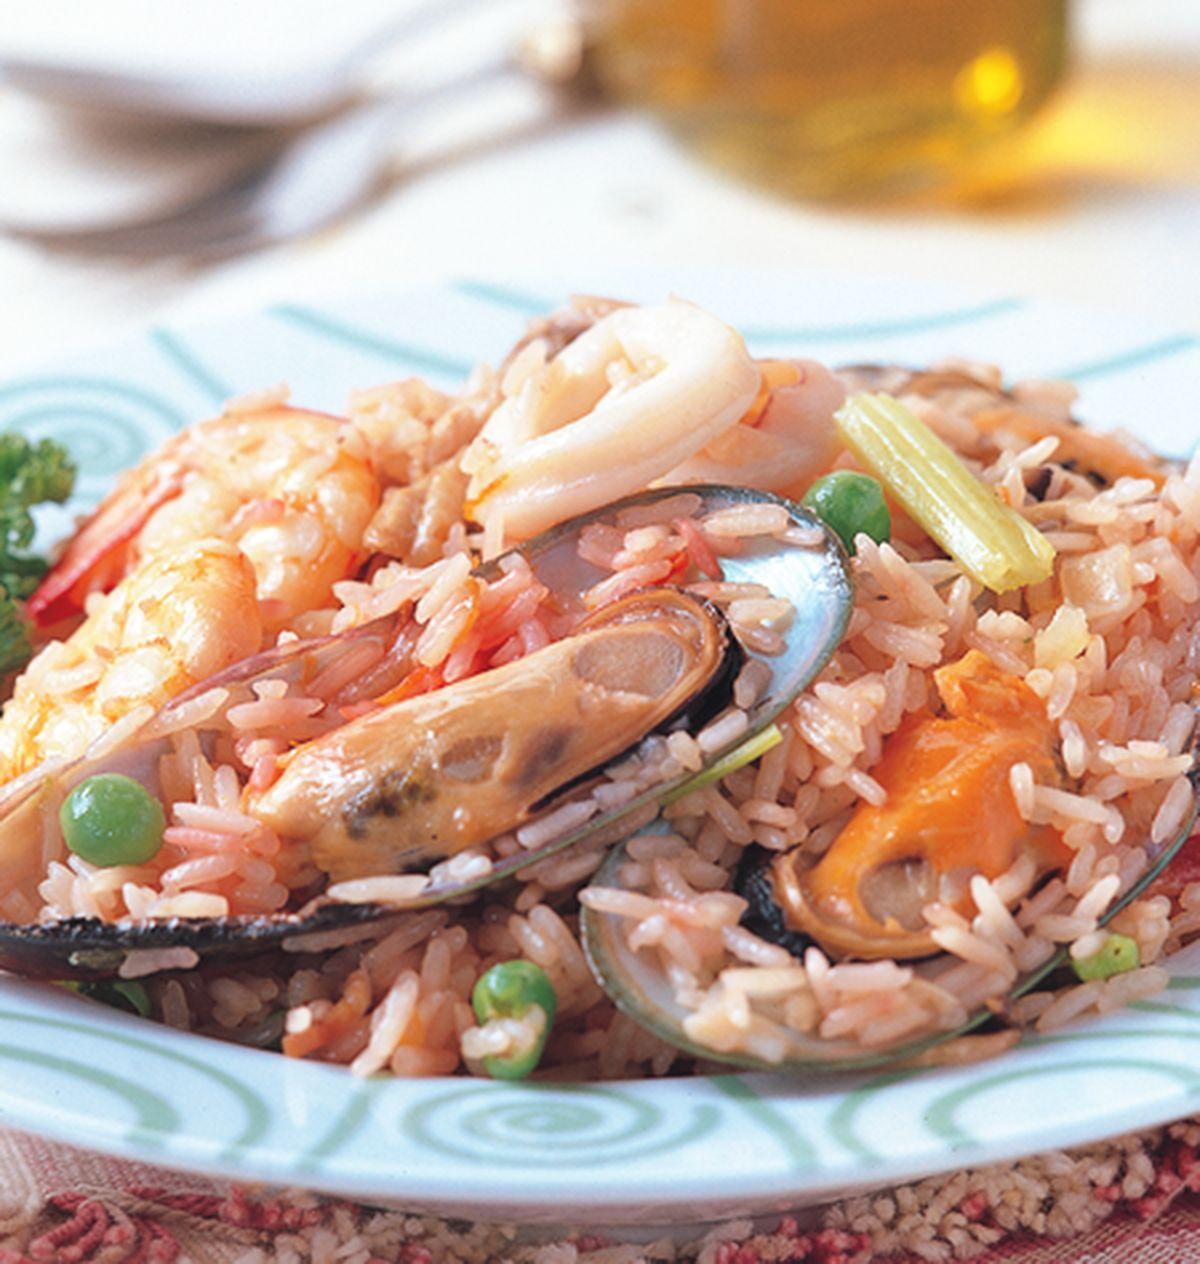 食譜:西班牙海鮮炒飯